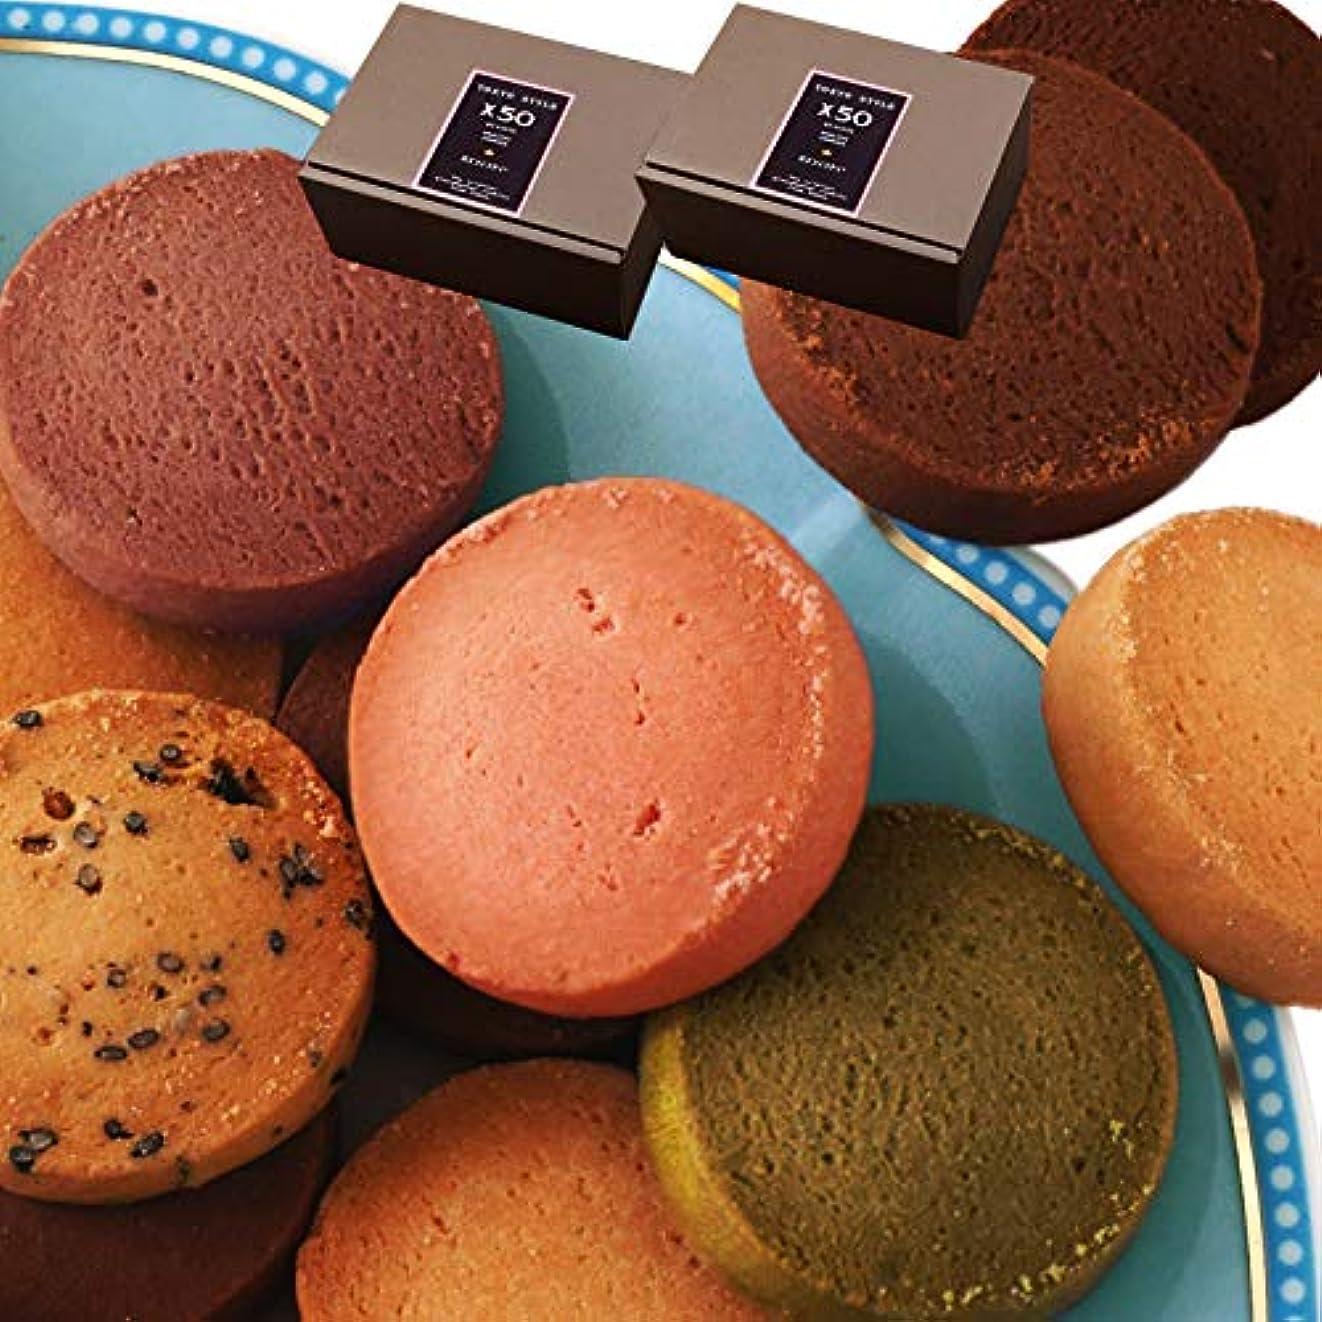 不正マントル贅沢な【1食分の個包装】 豆乳おからマンナンクッキー 18袋 (6種×3袋)×2箱おまとめ